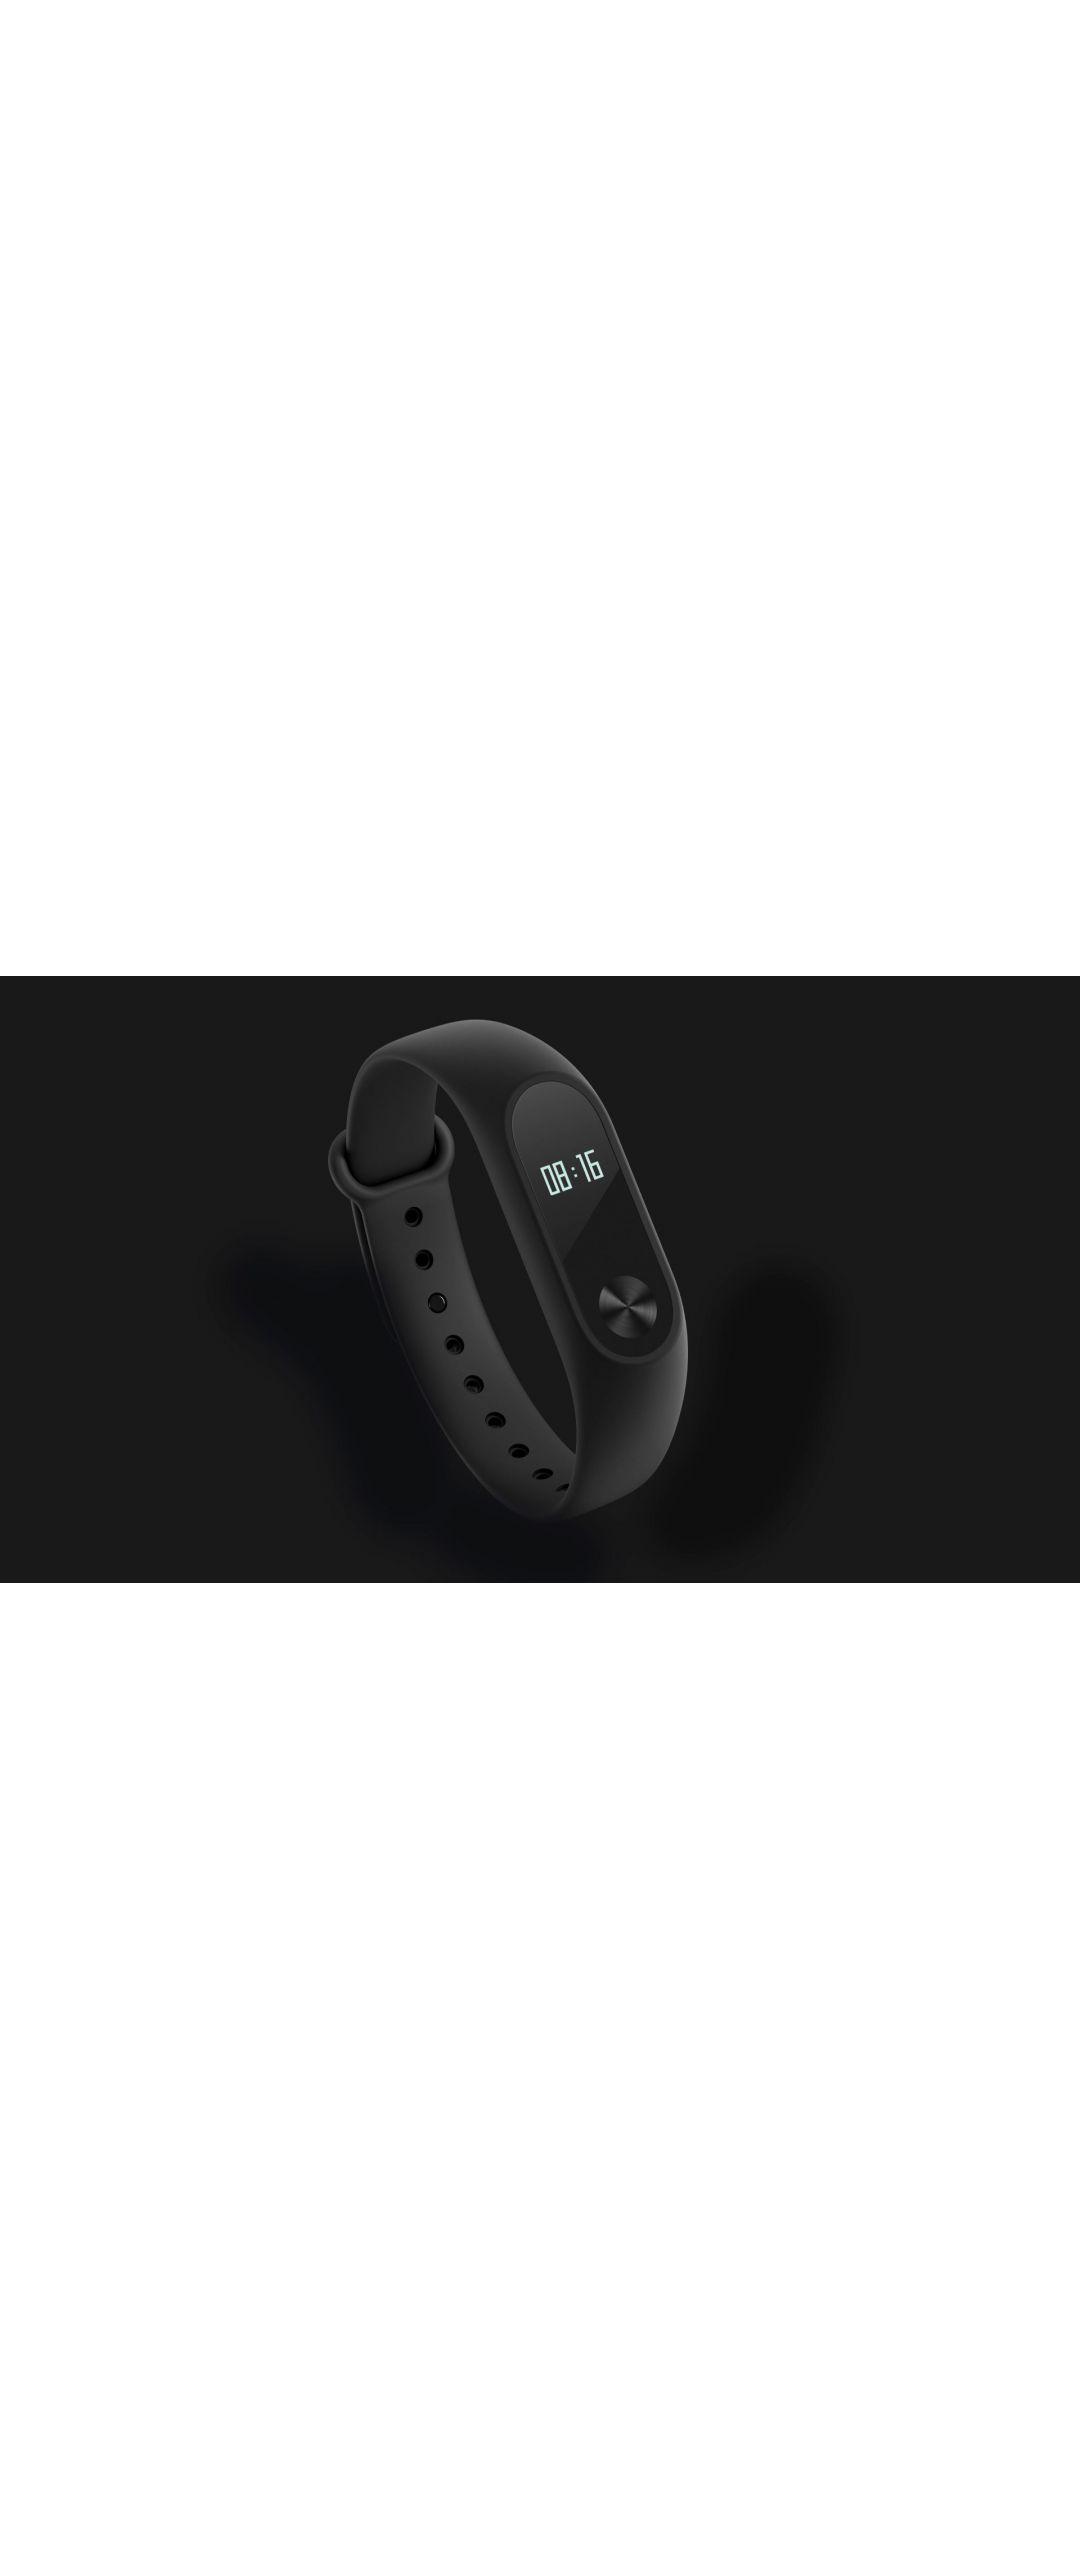 Xiaomi presenta nueva pulsera inteligente Mi Band 2